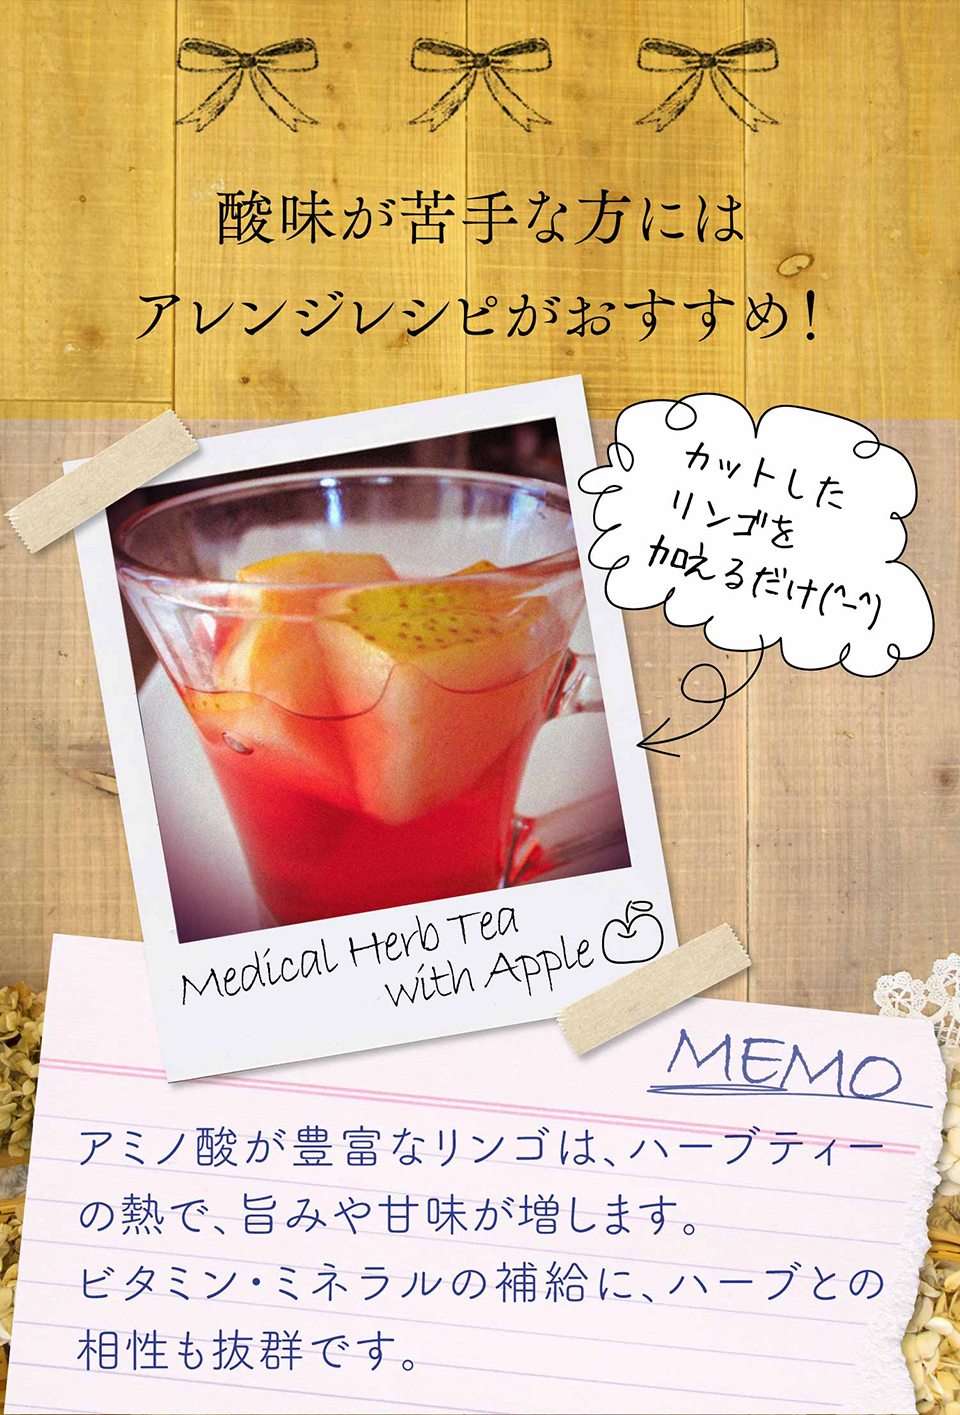 酸味が苦手な方にはアレンジレシピがおすすめ!